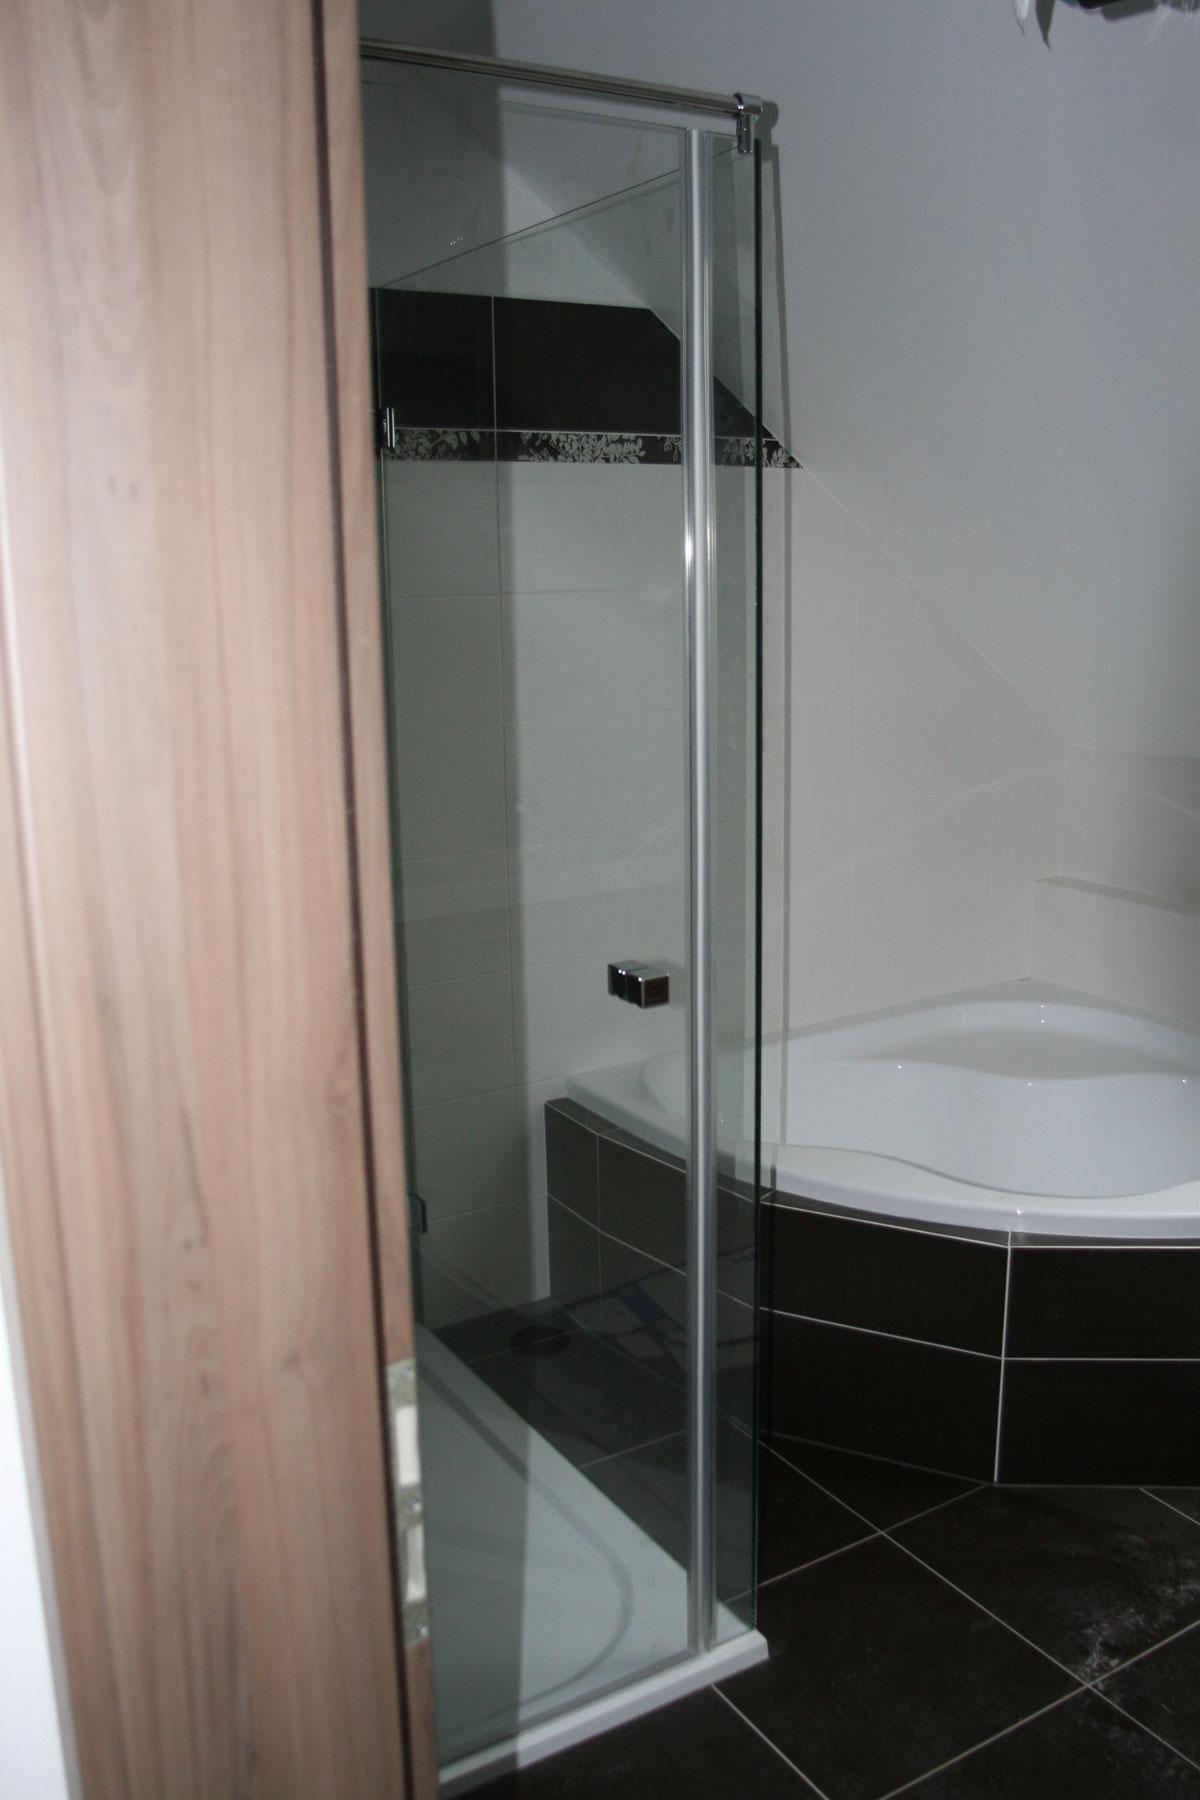 Sklenarstvi-Prerost-sprchove- kouty-a-sprchy (50)